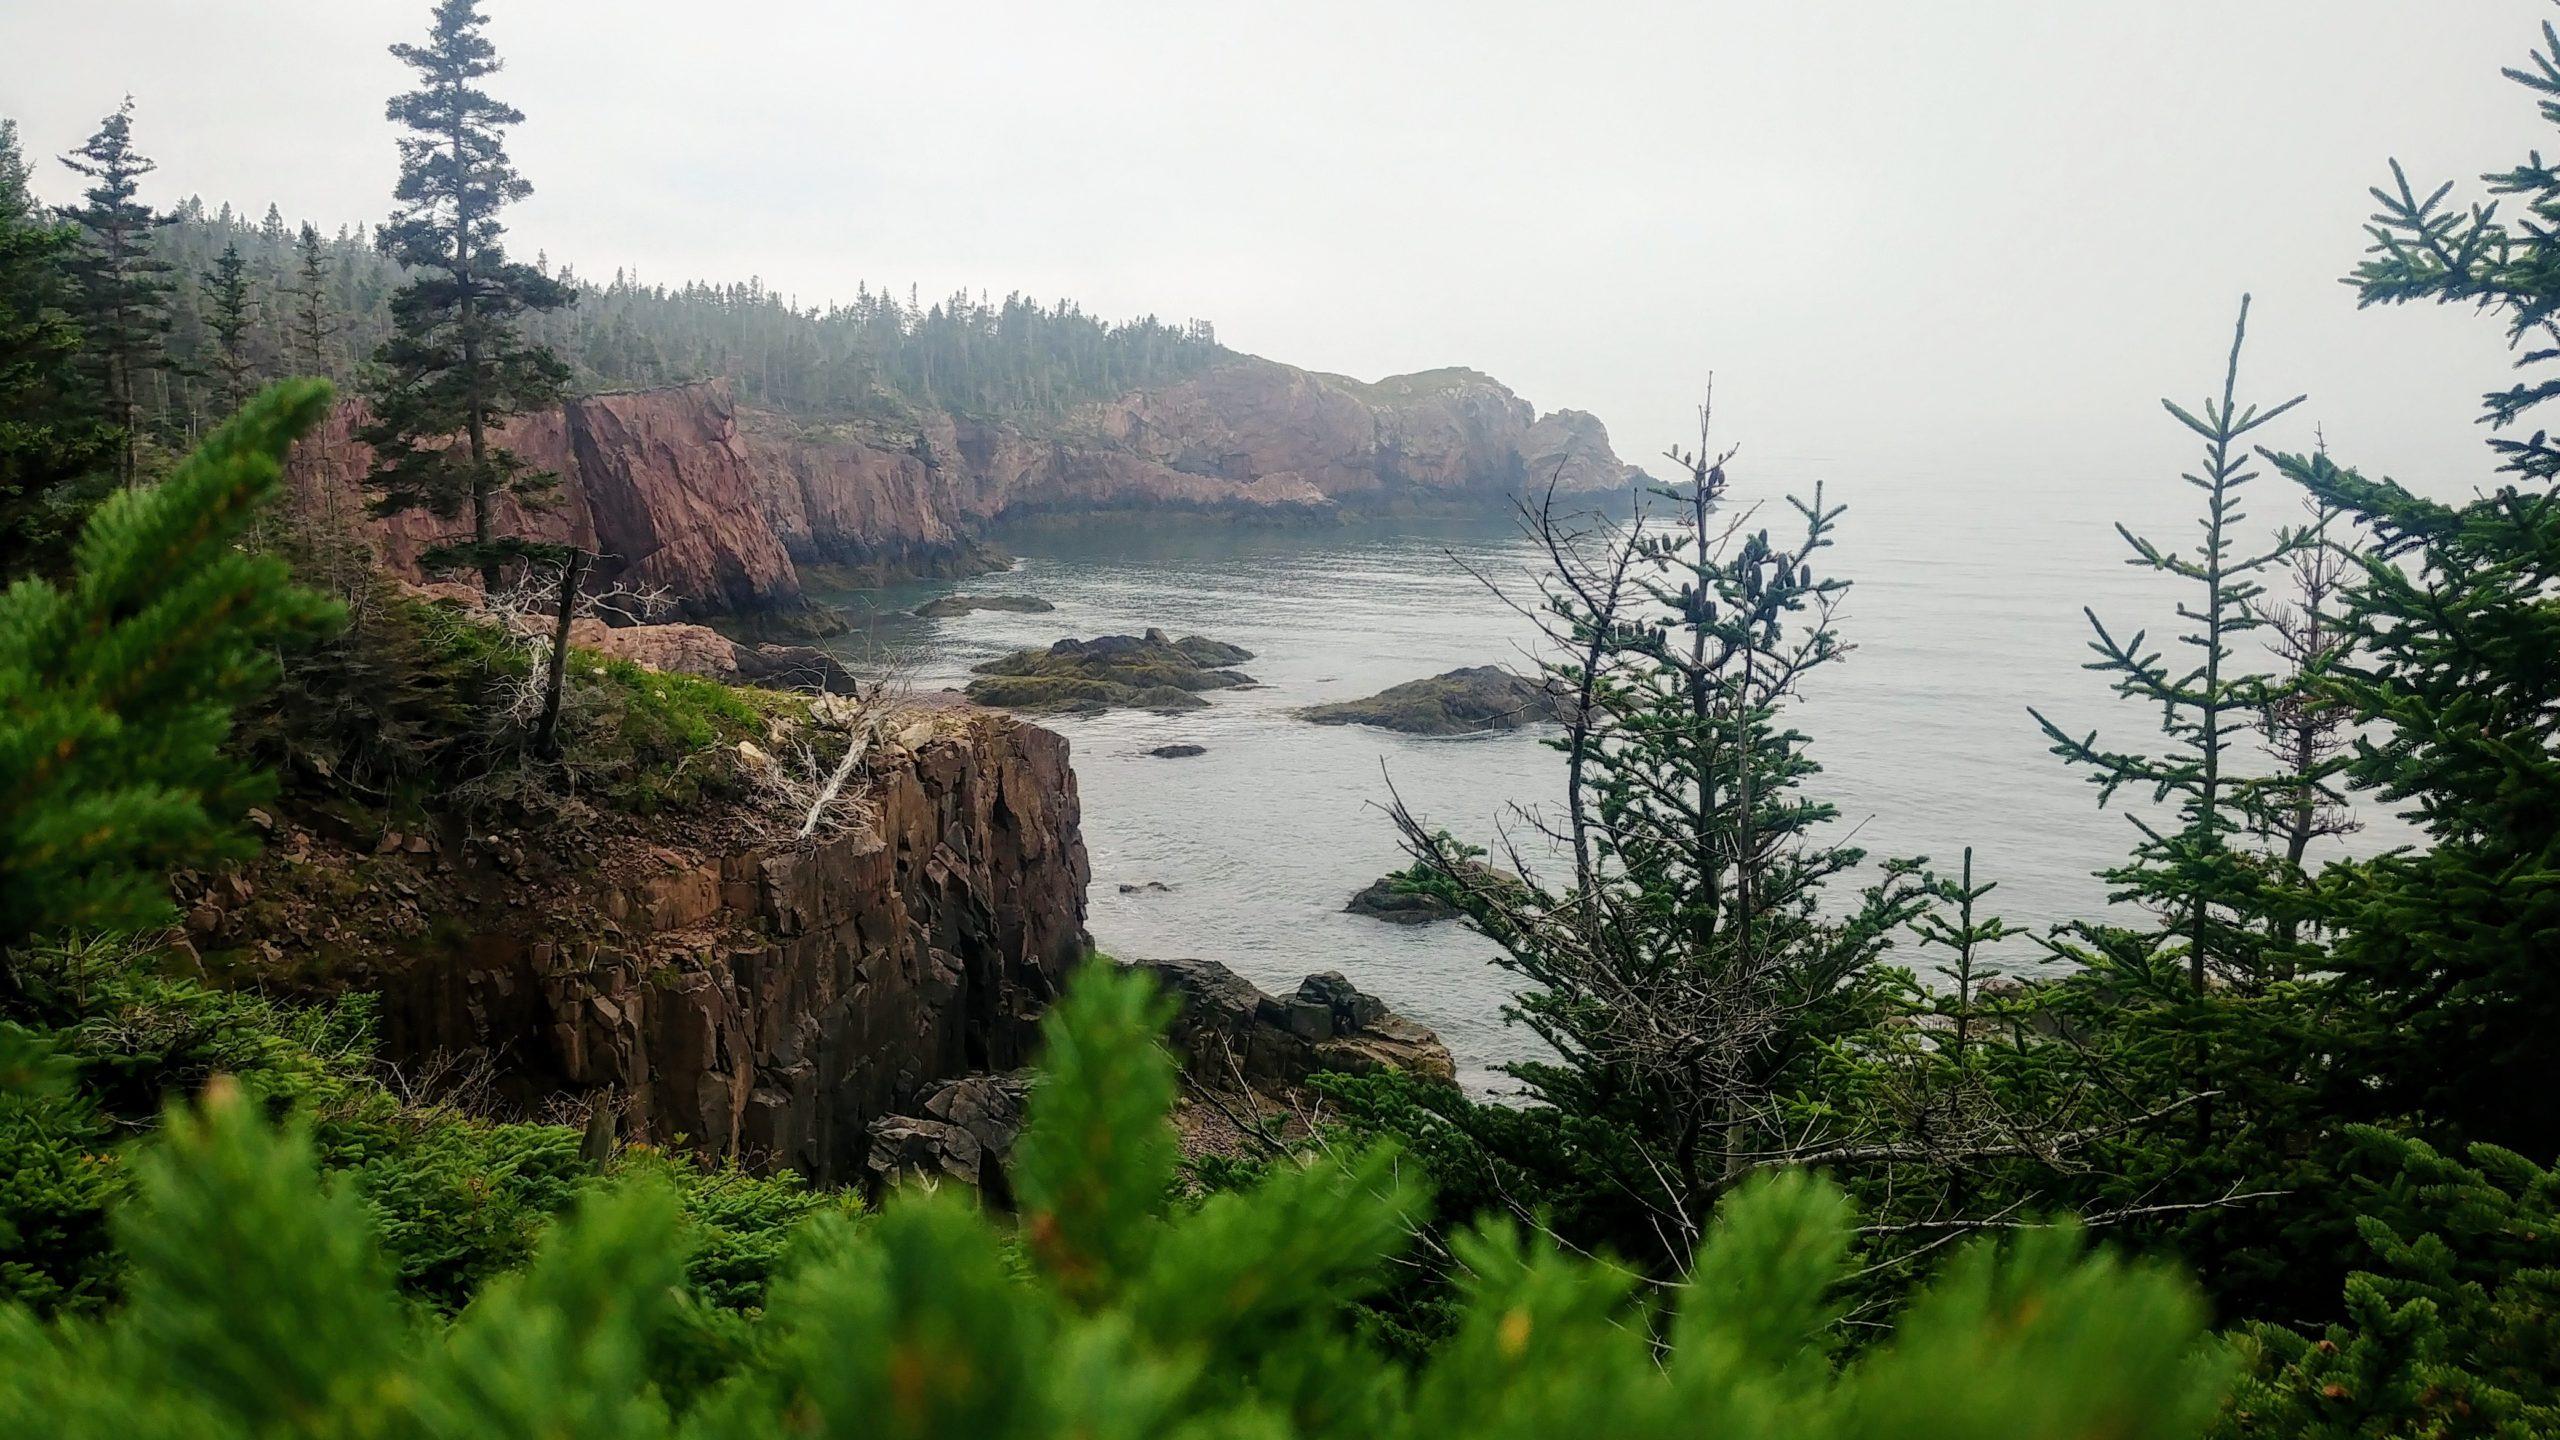 6-Cap Chignecto compte-rendu sentier randonnée Nouvelle-Écosse